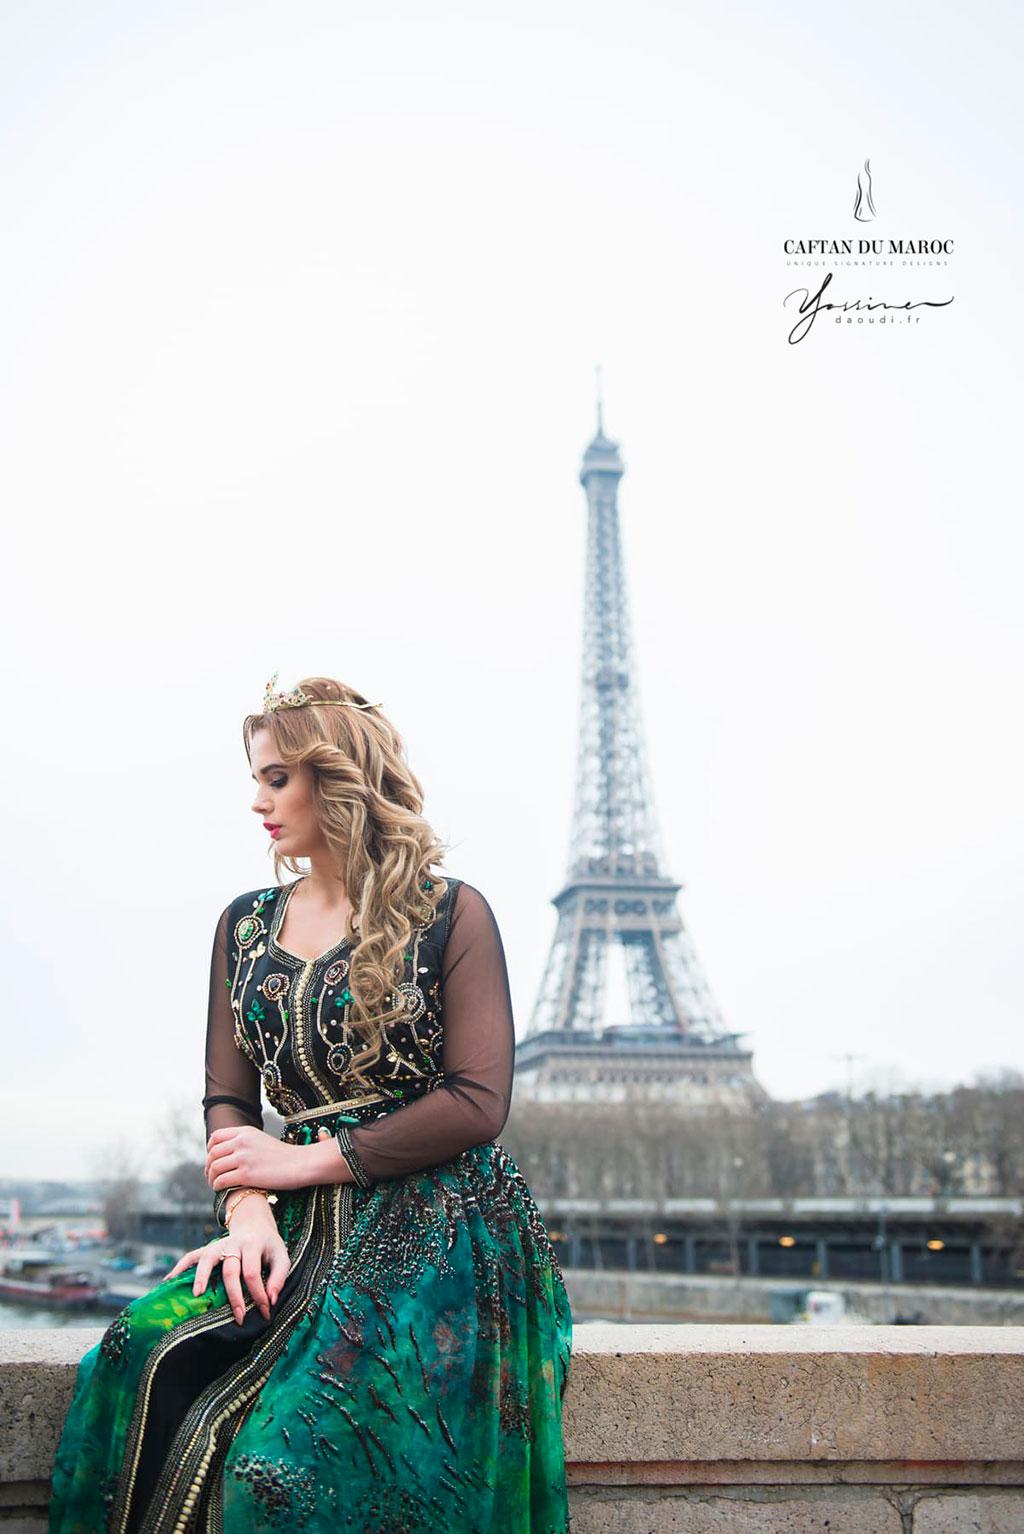 Caftan du Maroc à Paris